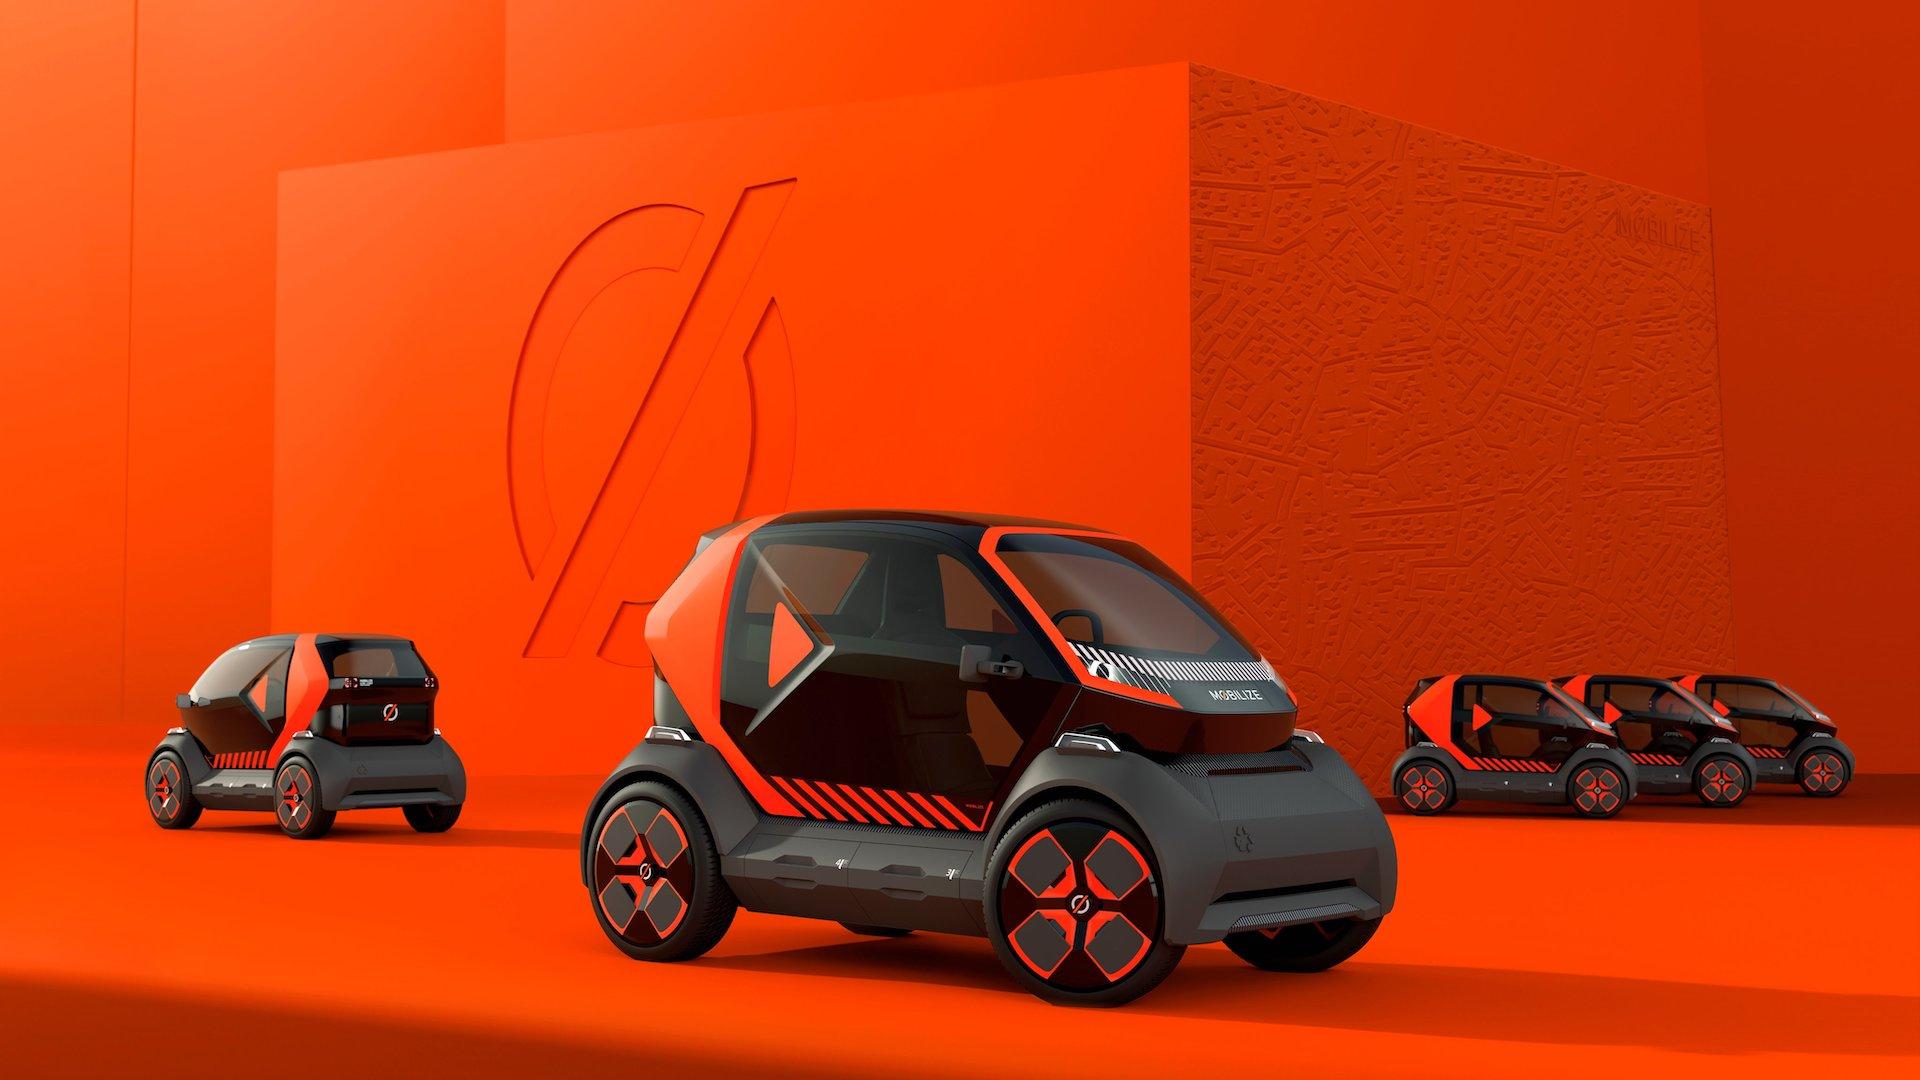 Renault dévoile un véhicule bi-place en autopartage, héritier de la Twizy